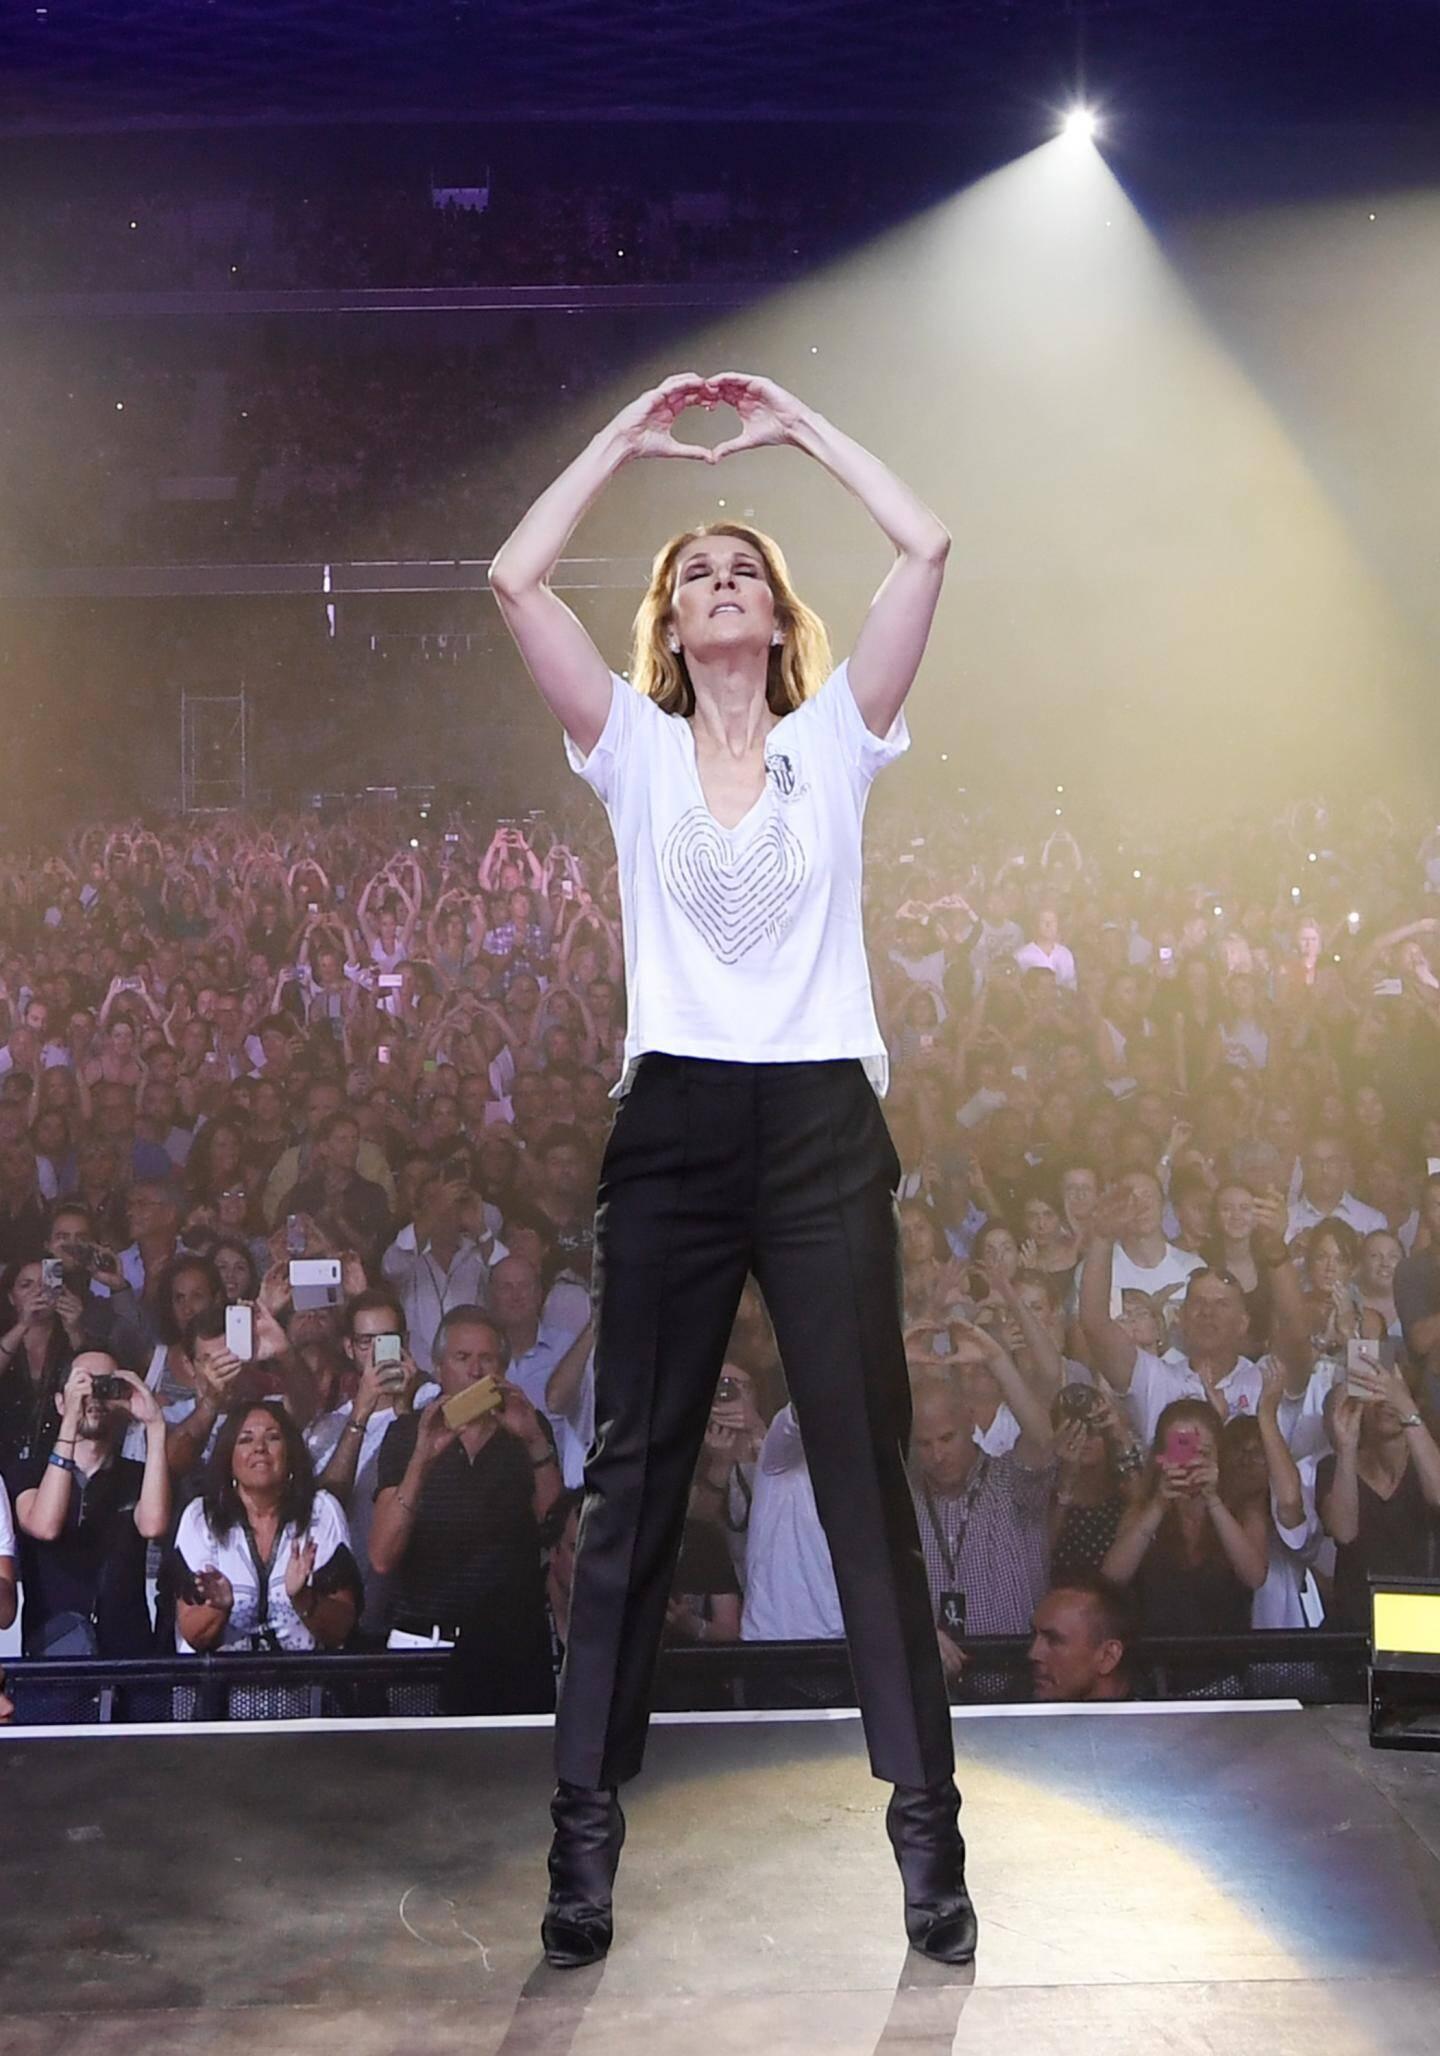 Concert de Céline Dion le 20-07 à Nice.